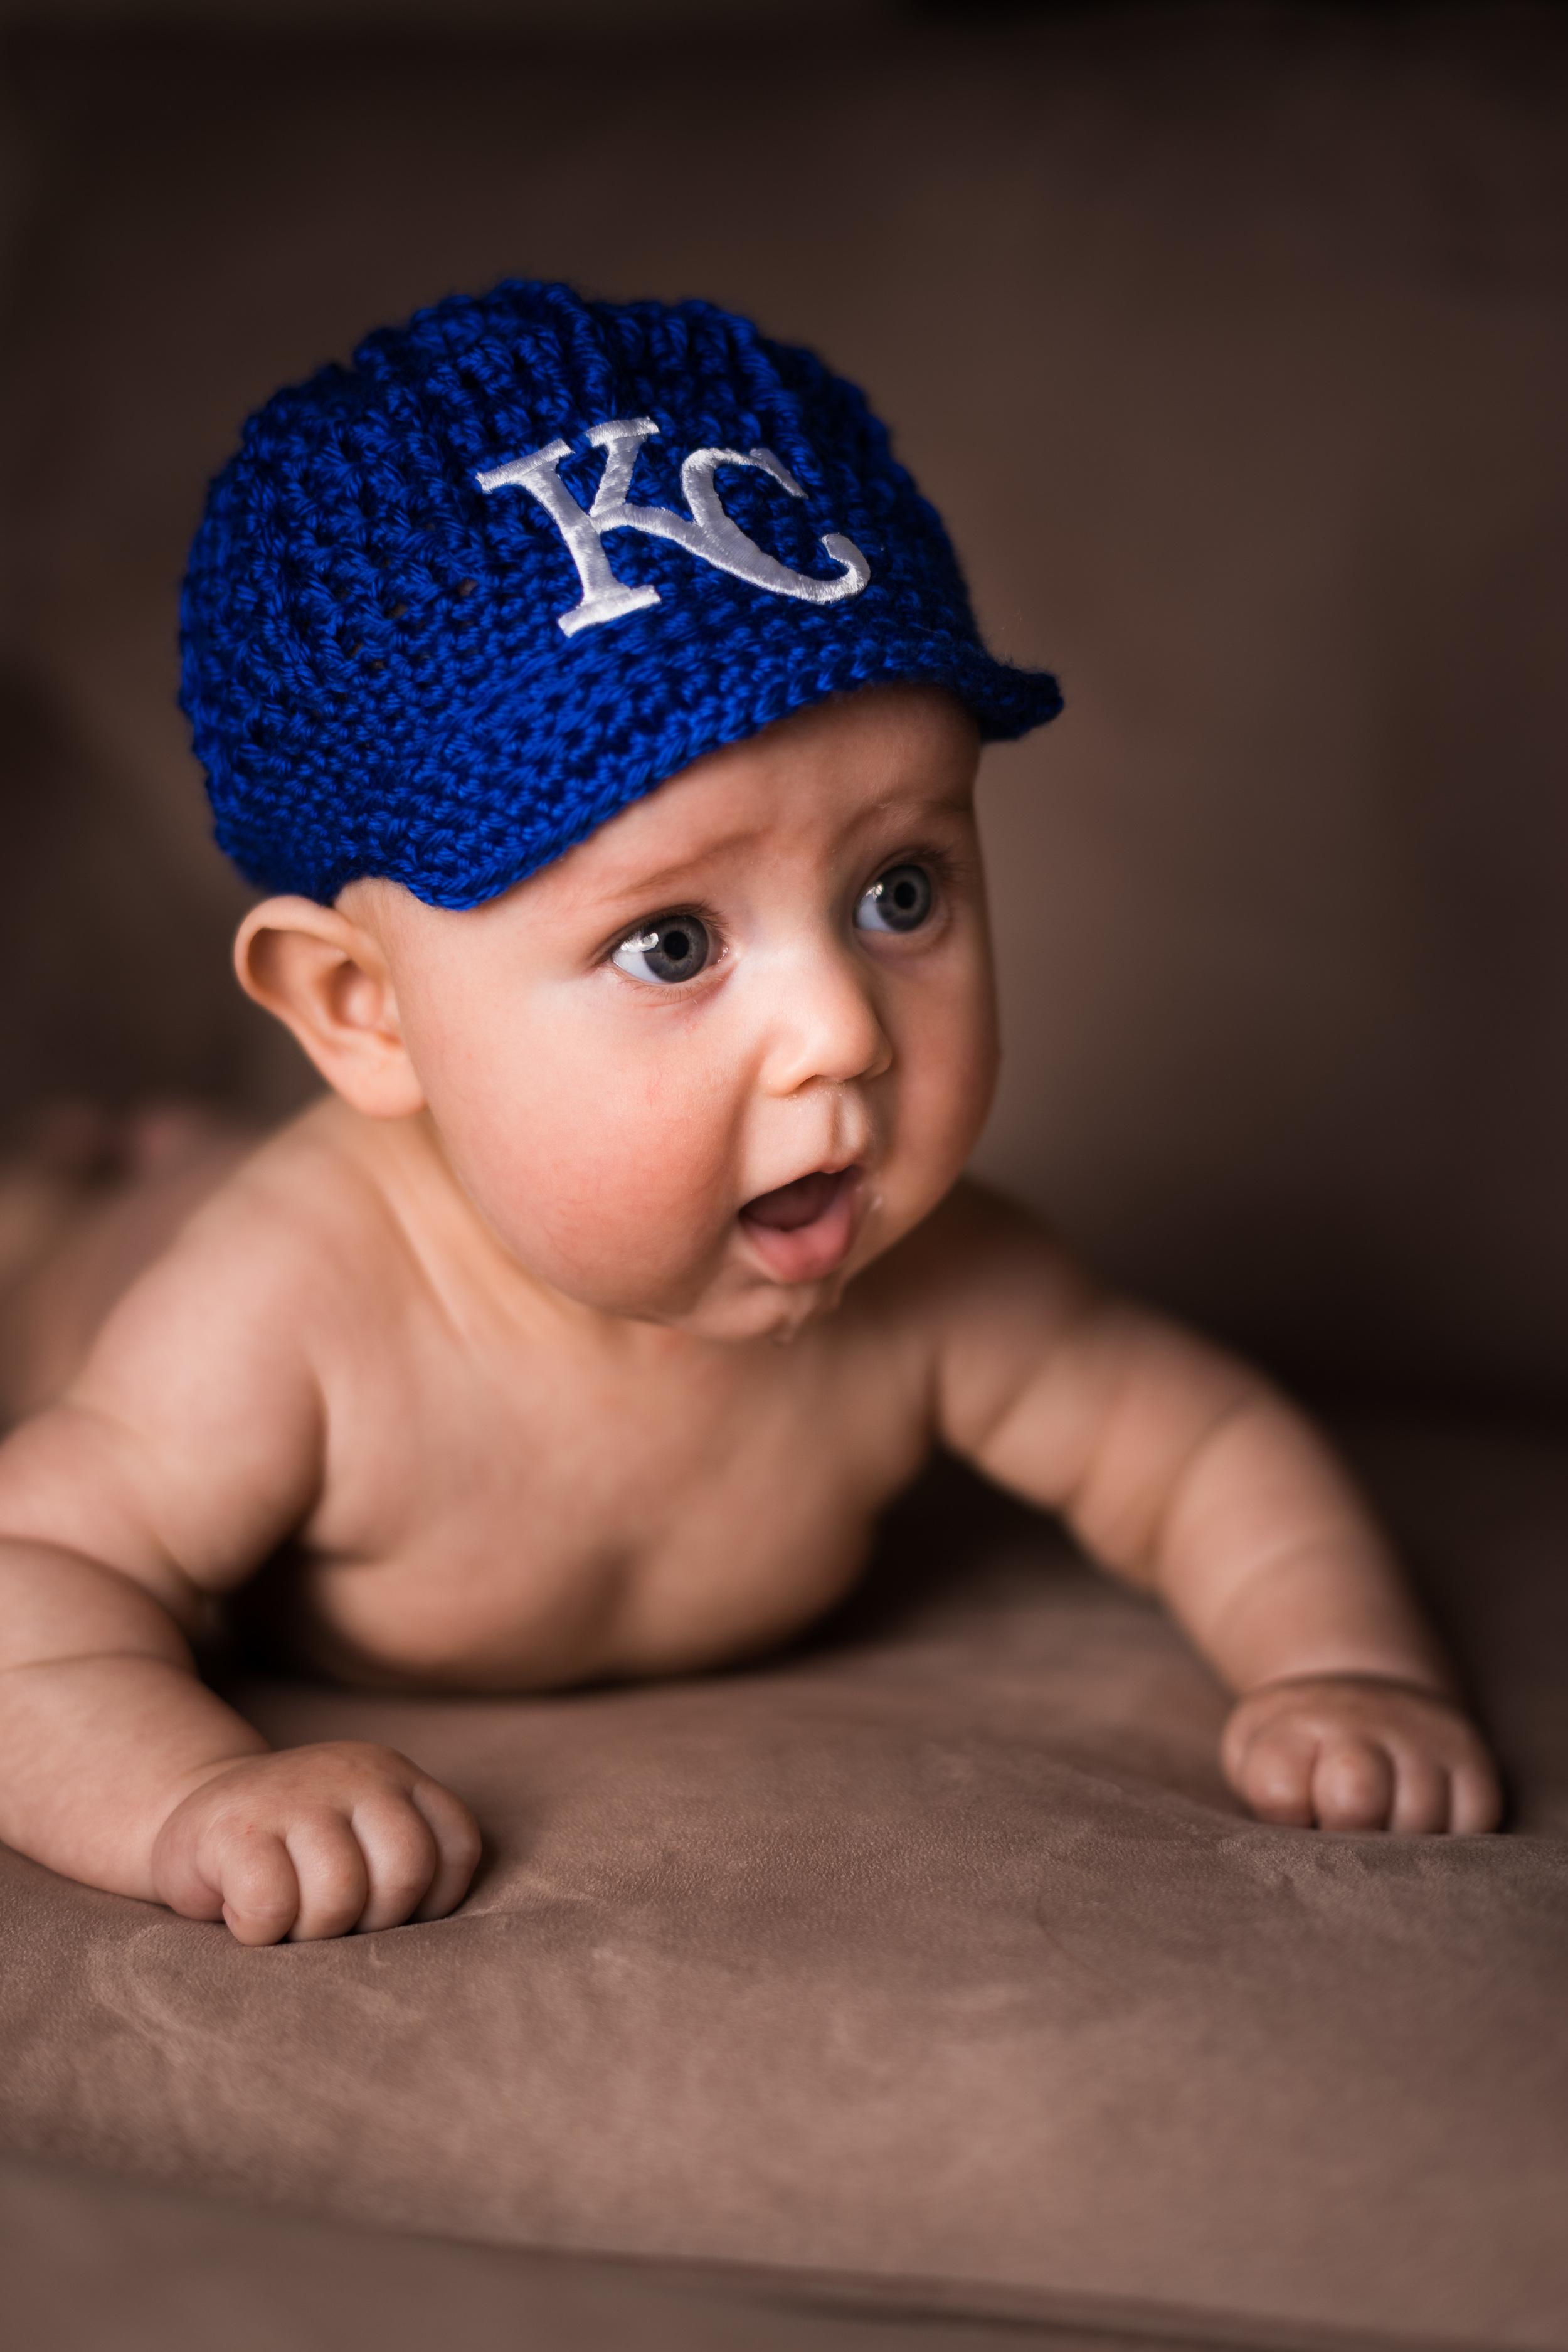 brett-smith-baby-kc-royals4.jpg